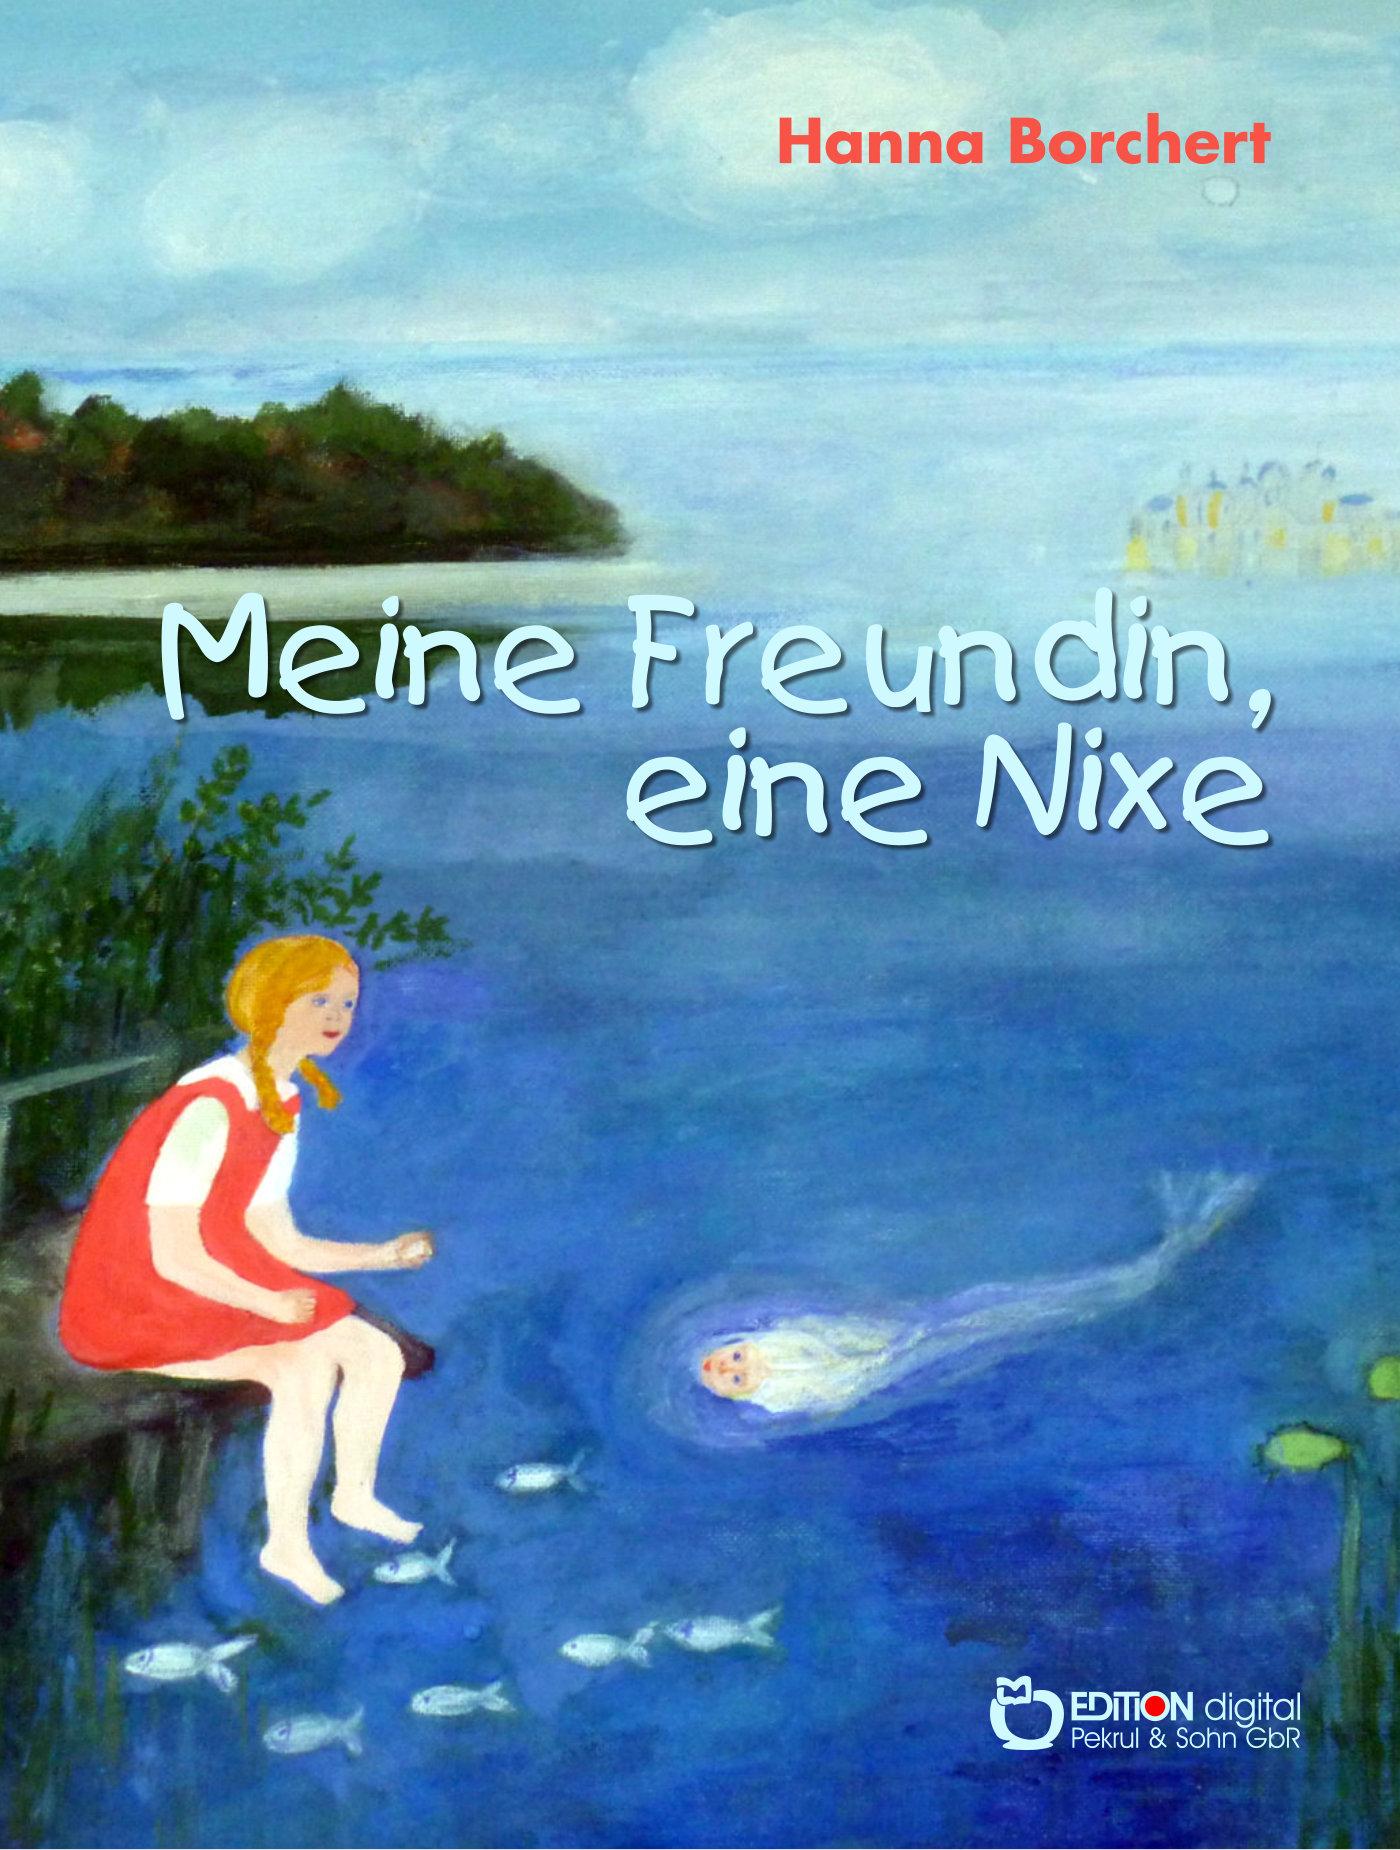 Meine Freundin, eine Nixe von Hanna Borchert